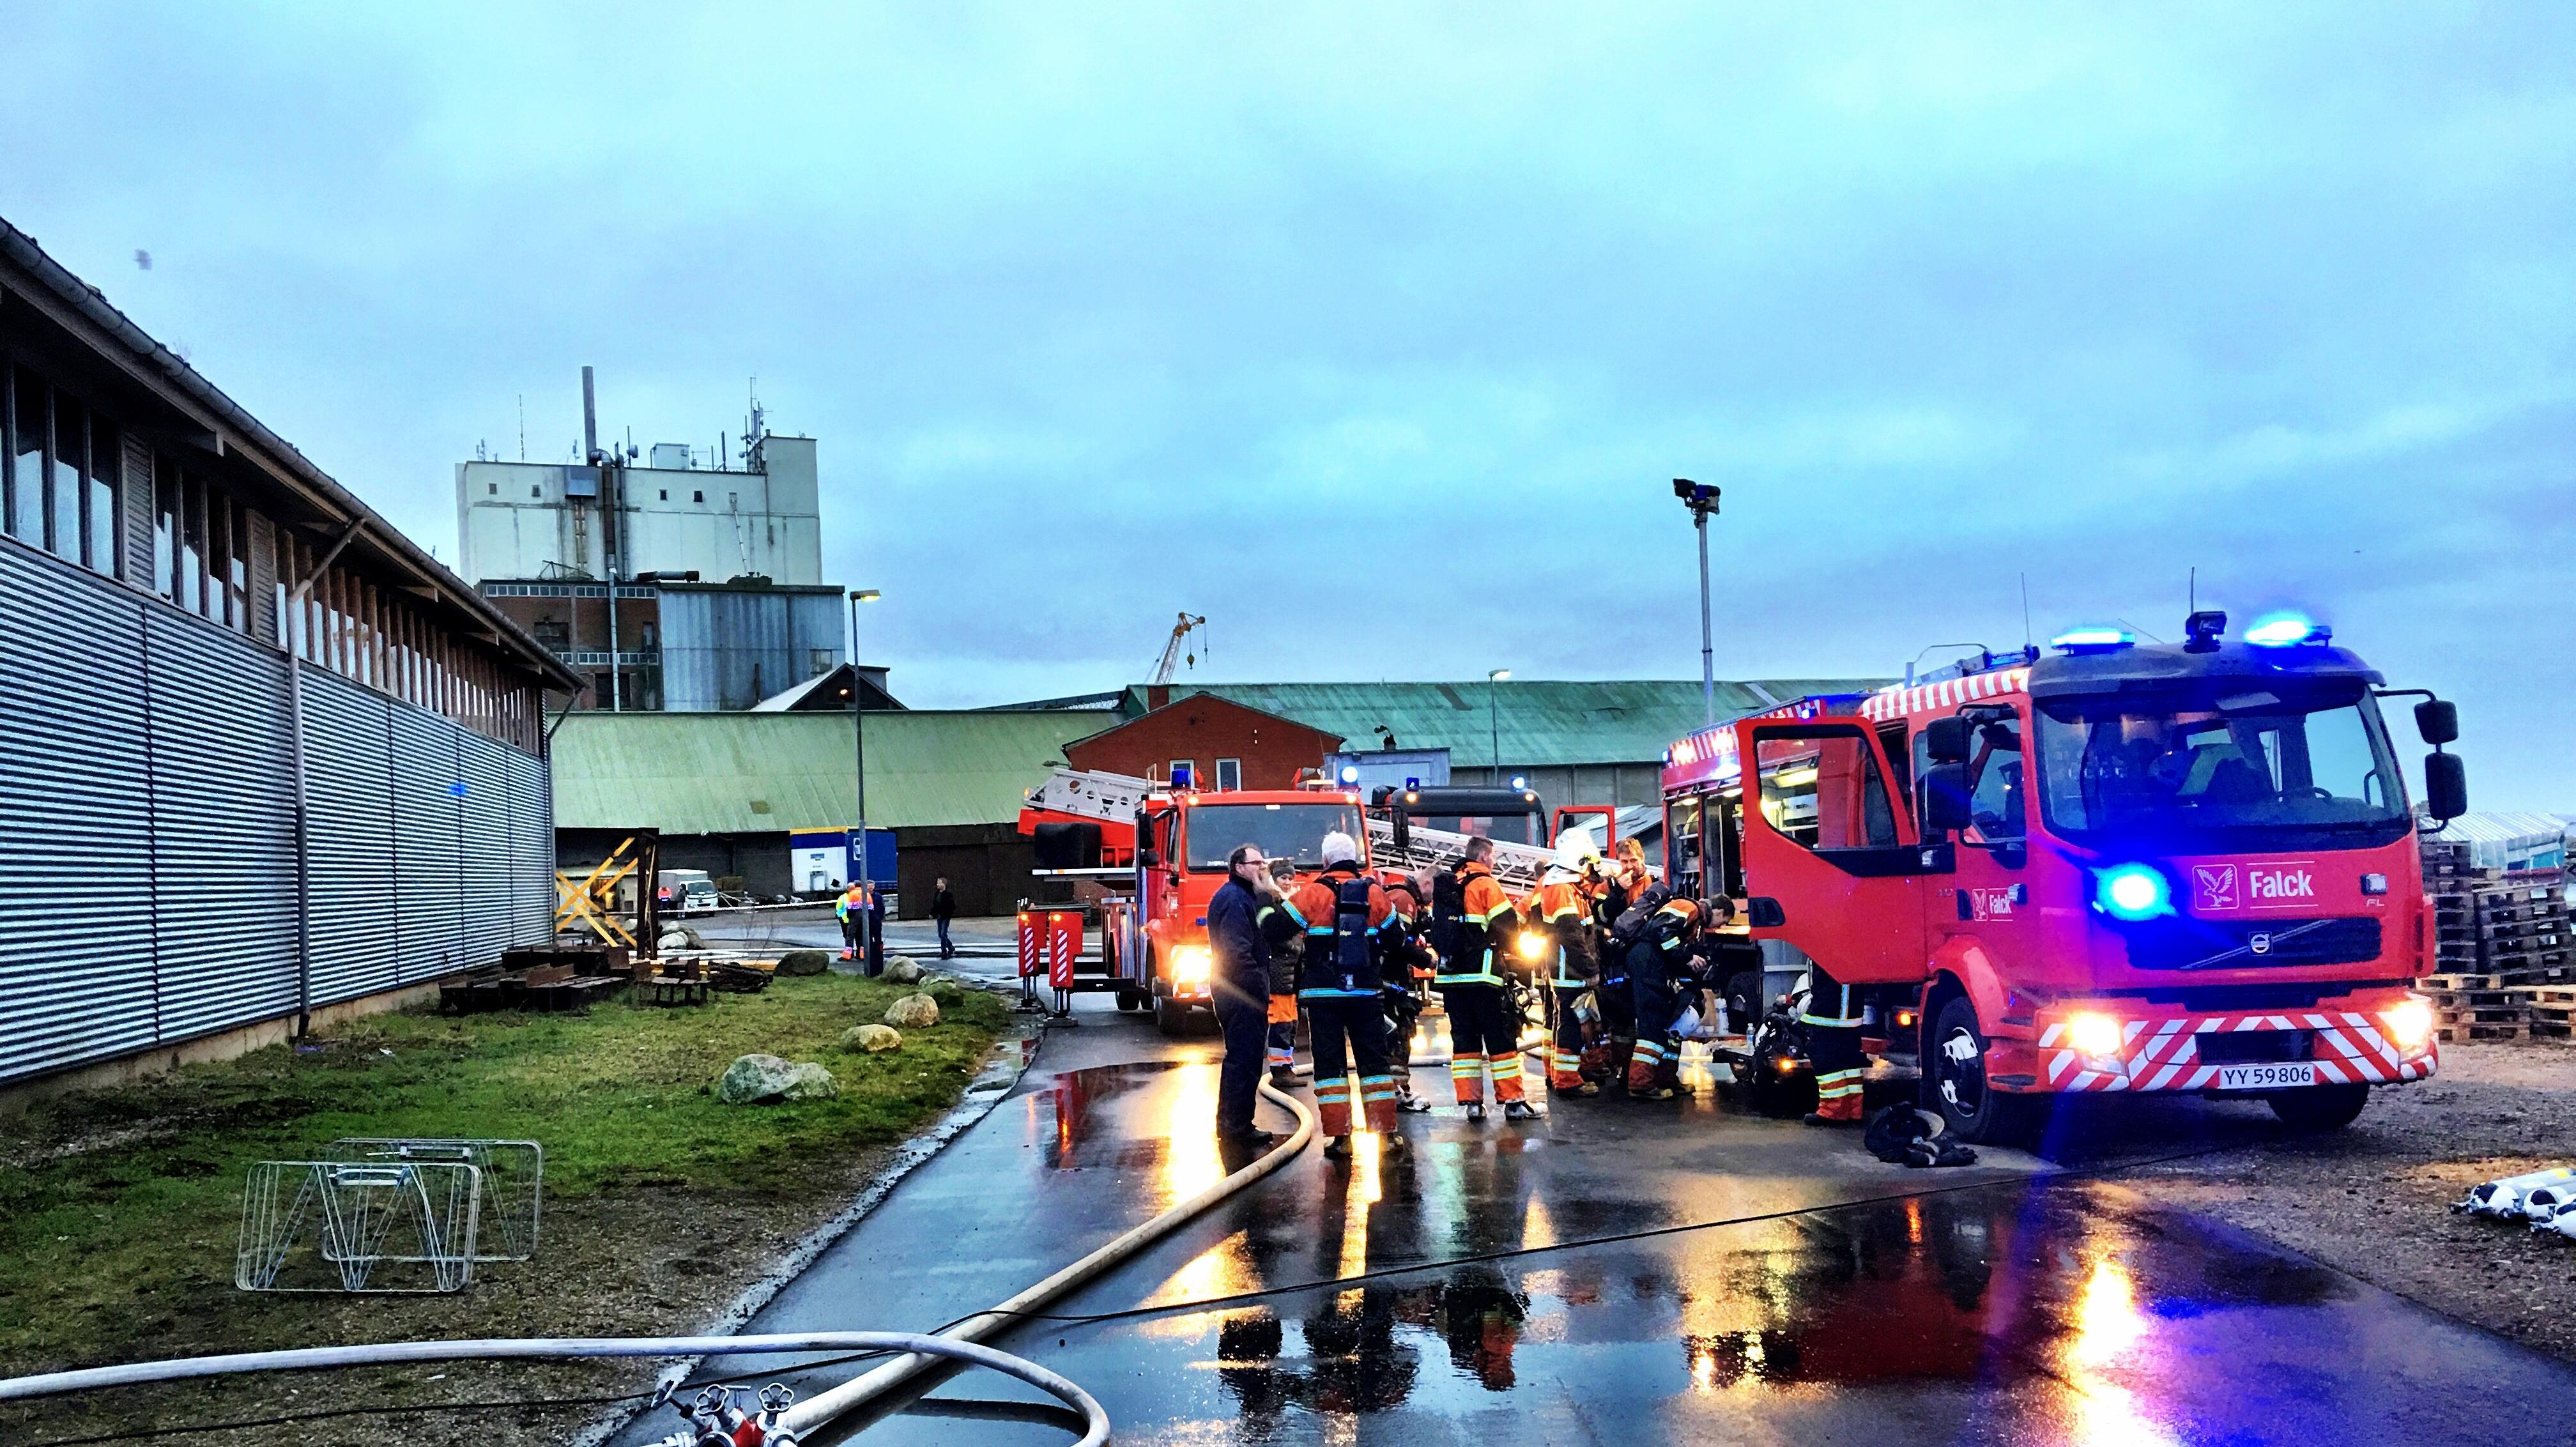 Langeland brand